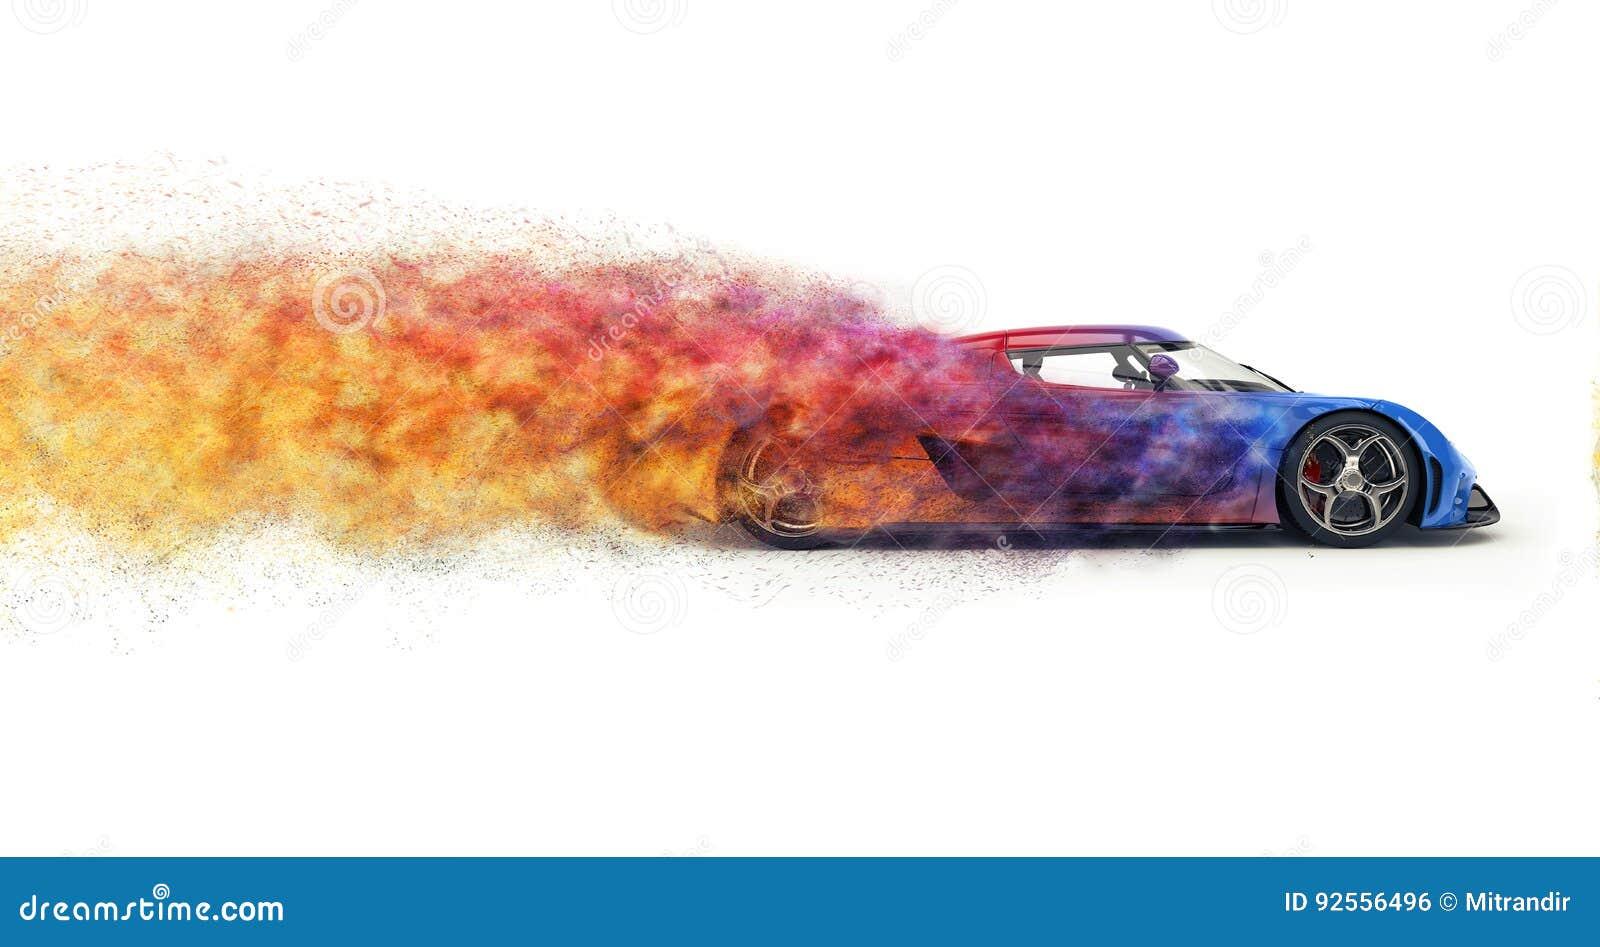 Быстрый современный супер автомобиль дезинтегрируя в красочные частицы